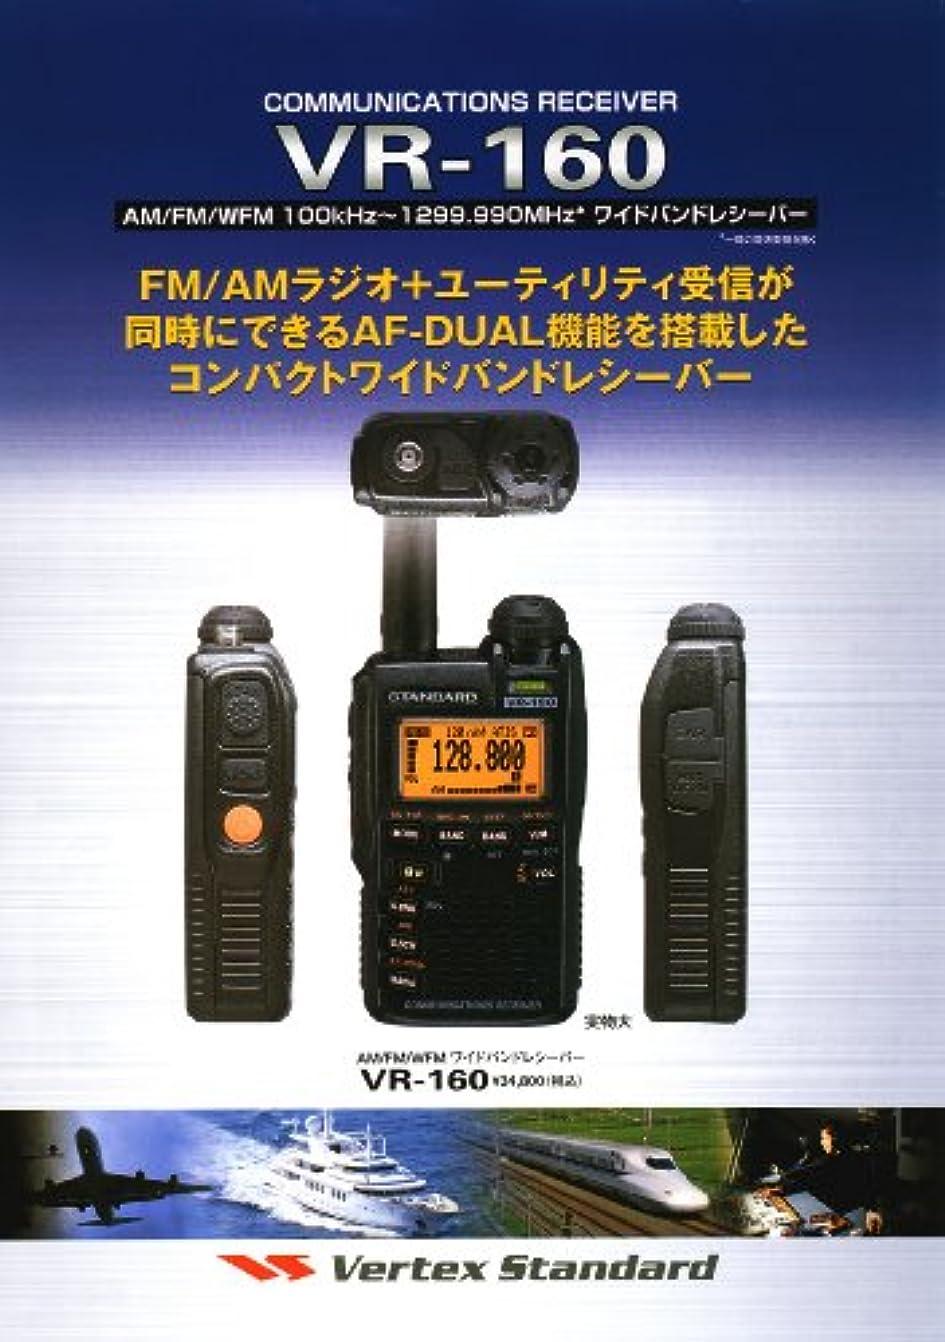 先祖成功する雄弁なVR-160 スタンダード(STANDARD) ワイドバンドレシーバー100kHz~1300MHz